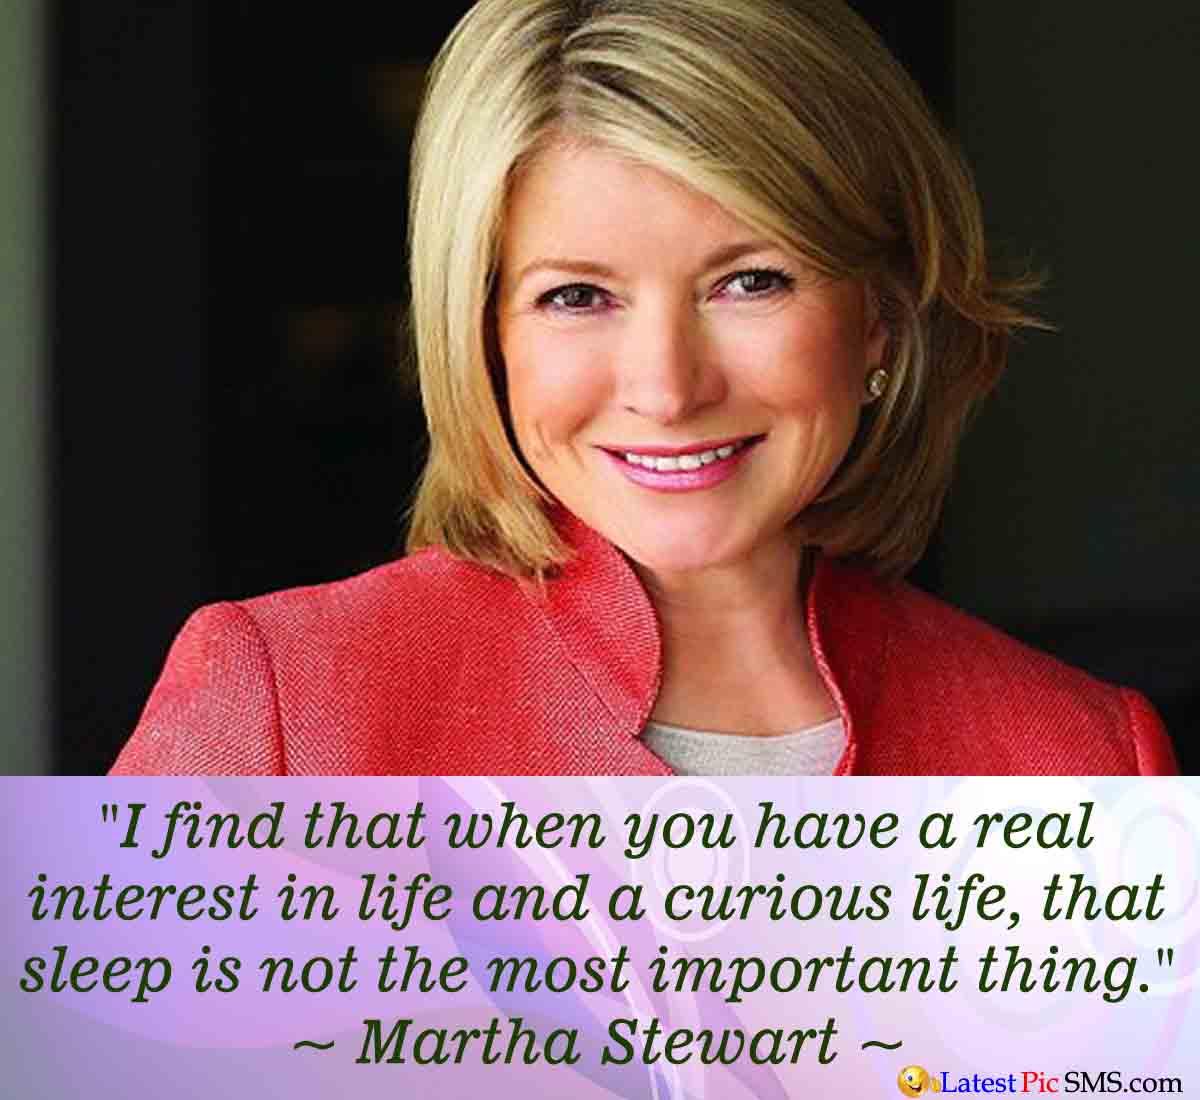 Martha Stewart Life Quote